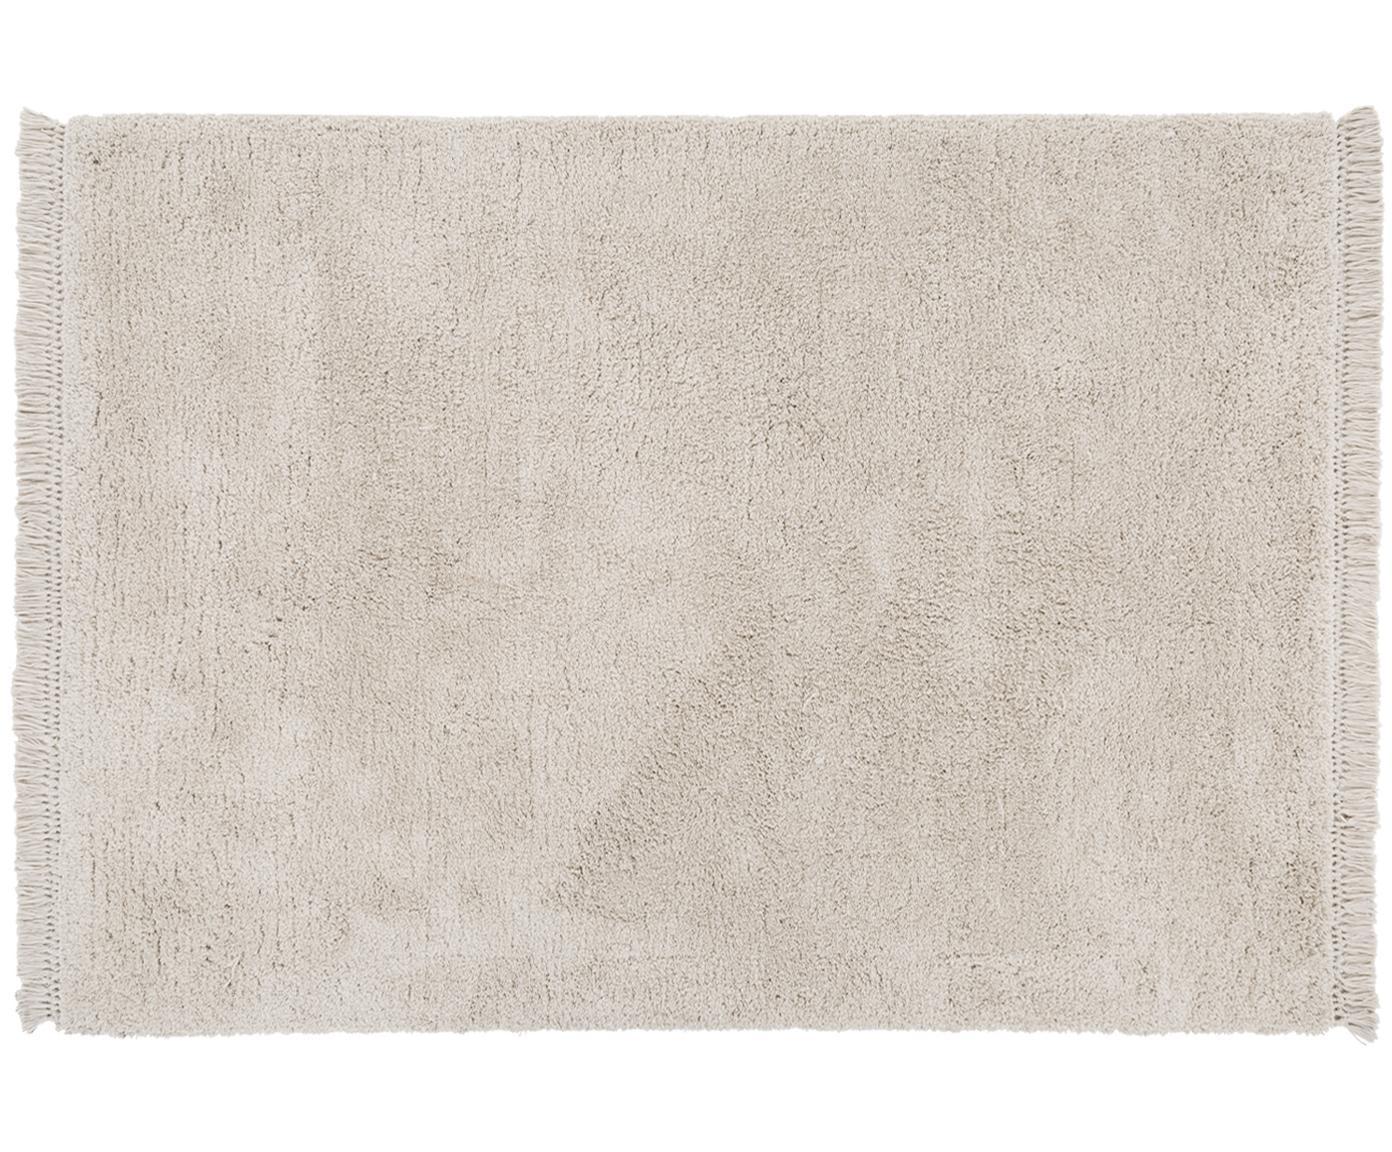 Pluizig hoogpolig vloerkleed Dreamy met franjes, Bovenzijde: 100% polyester, Onderzijde: 100% katoen, Crèmekleurig, 120 x 180 cm